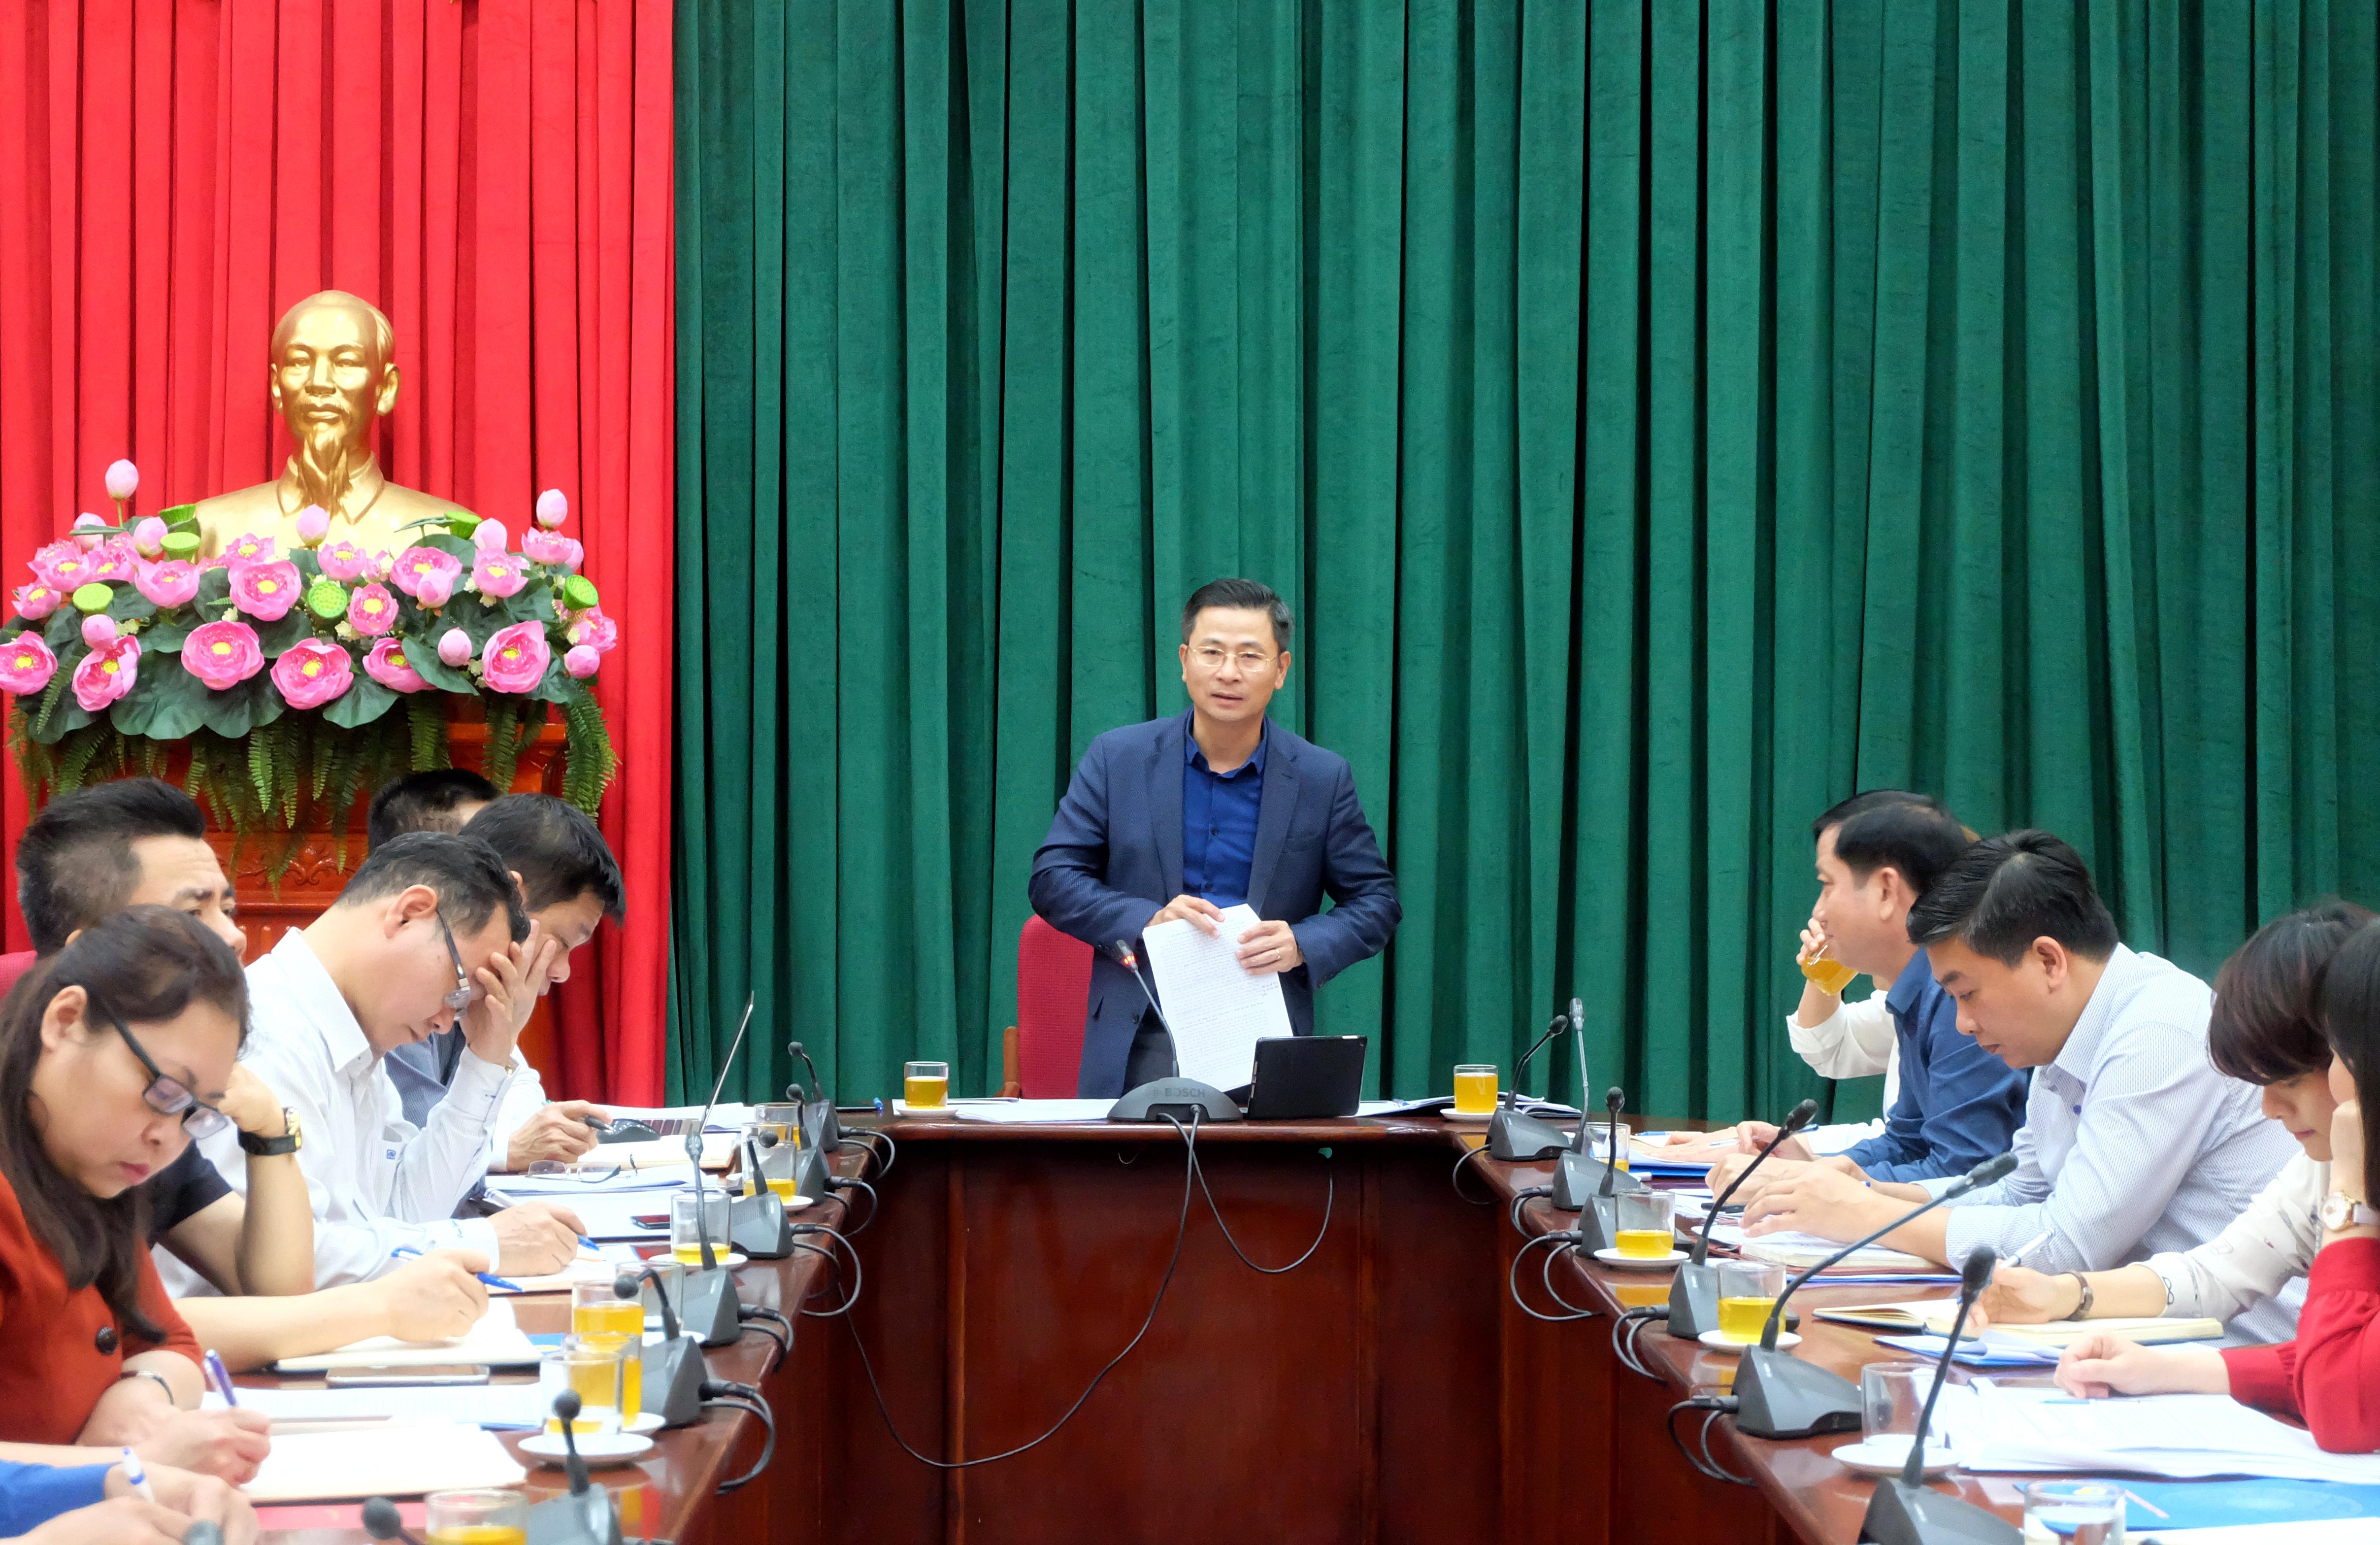 Chủ tịch Liên đoàn Lao động thành phố Hà Nội Nguyễn Phi Thường làm việc với Công đoàn Viên chức Thành phố